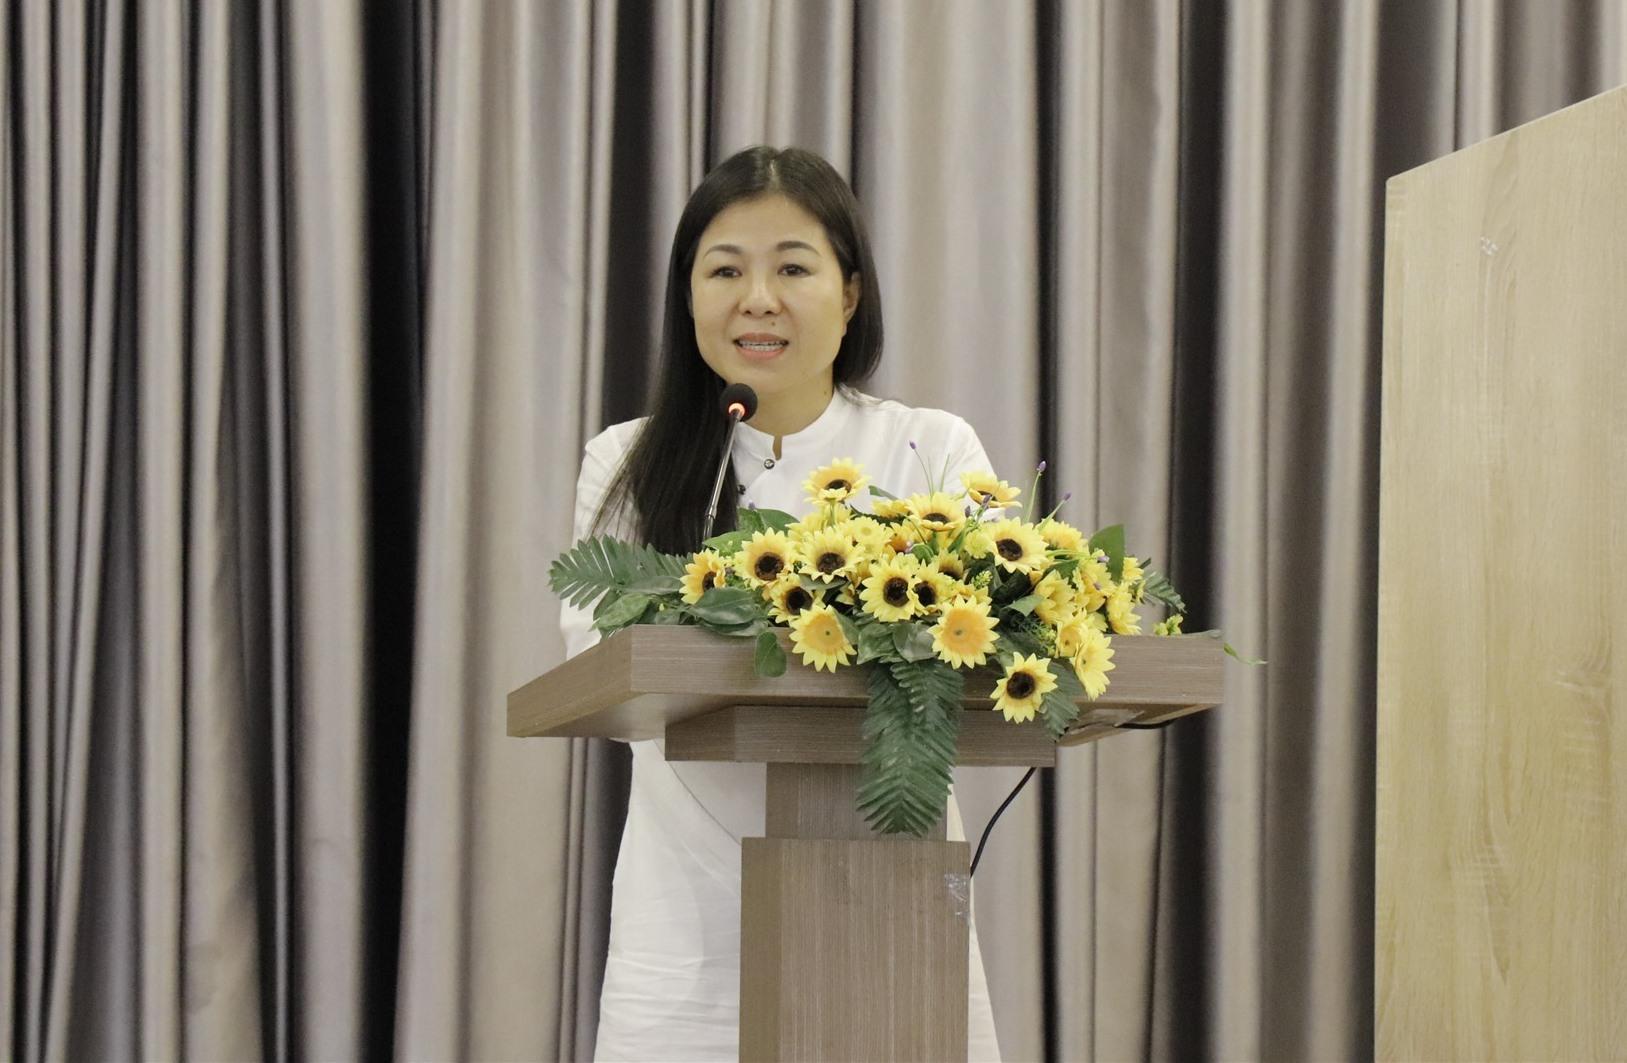 Bà Lê Thị Nam Phương -Chủ tịch HĐQT, Tổng giám đốc Công CP Đầu tư L.I.F.E phát biểu tại Hội thảo. Ảnh NTB